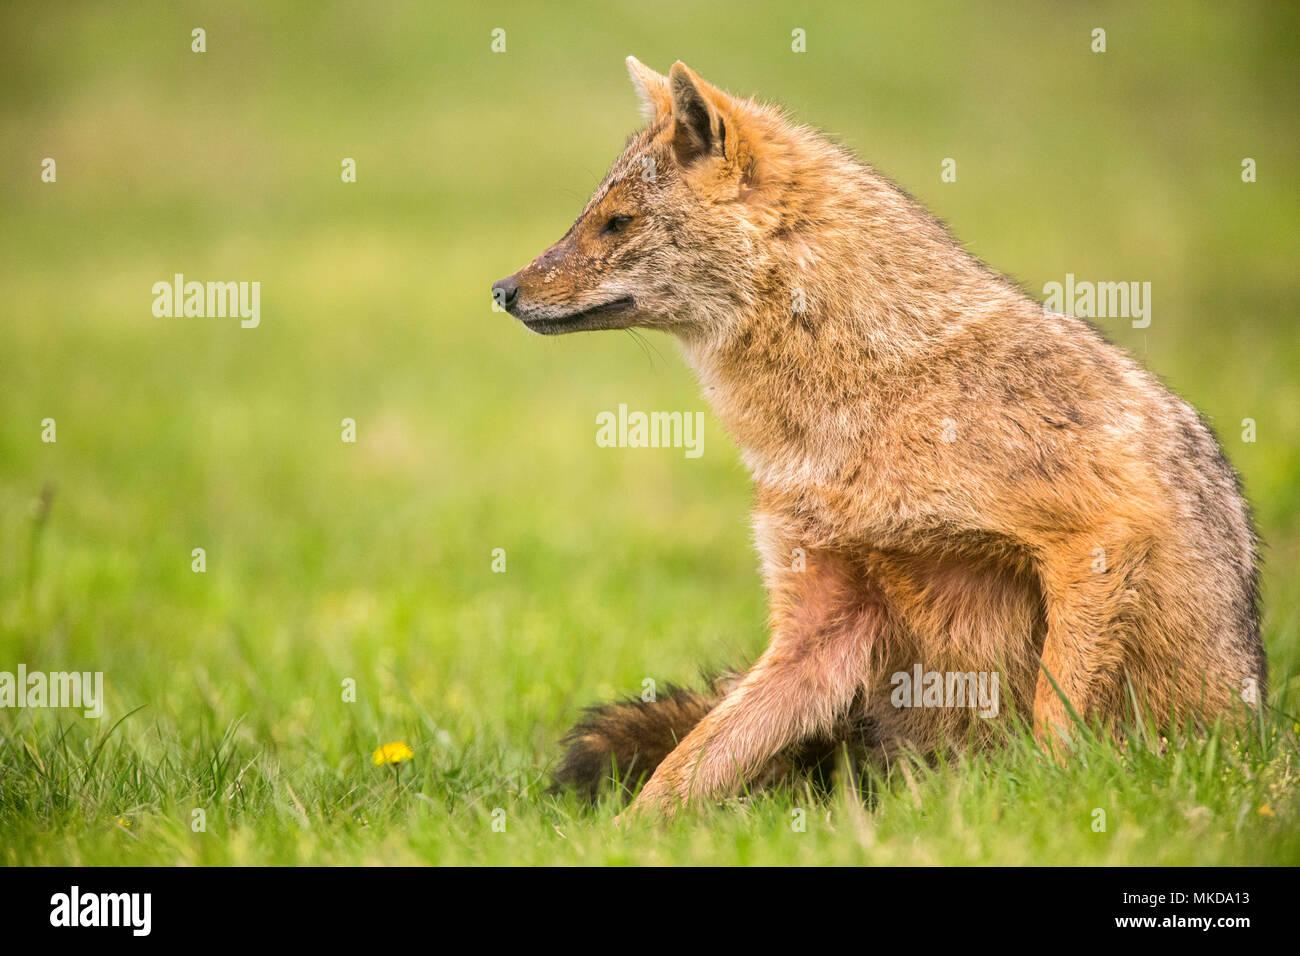 Europäische Schakal (Canis aureus moreoticus), Donaudelta, Rumänien Stockfoto